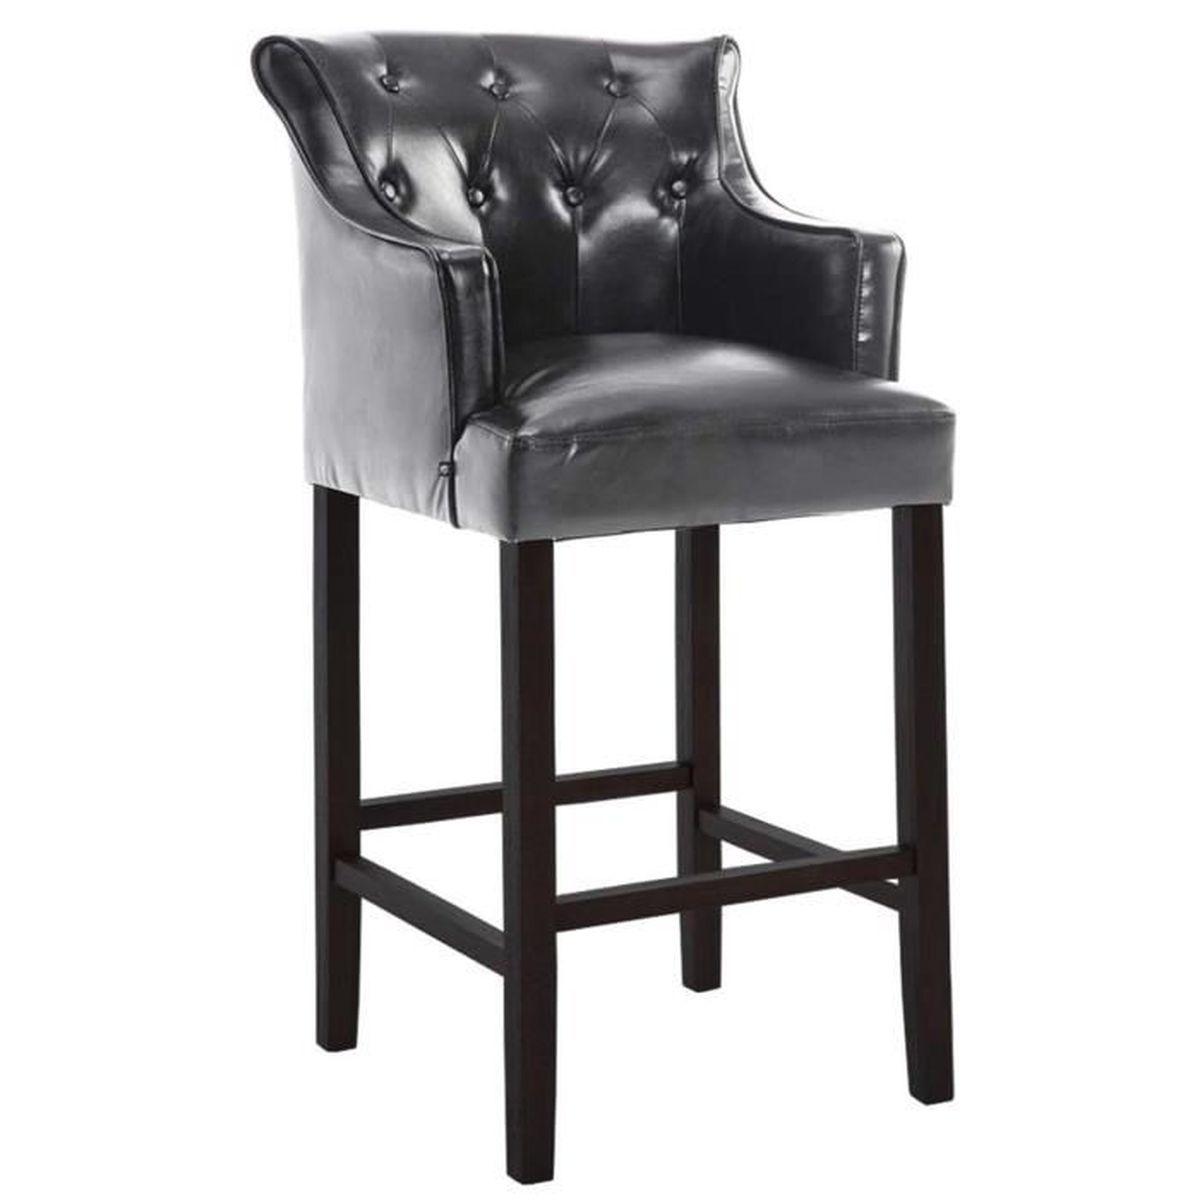 tabouret de bar 63 cm maison design. Black Bedroom Furniture Sets. Home Design Ideas